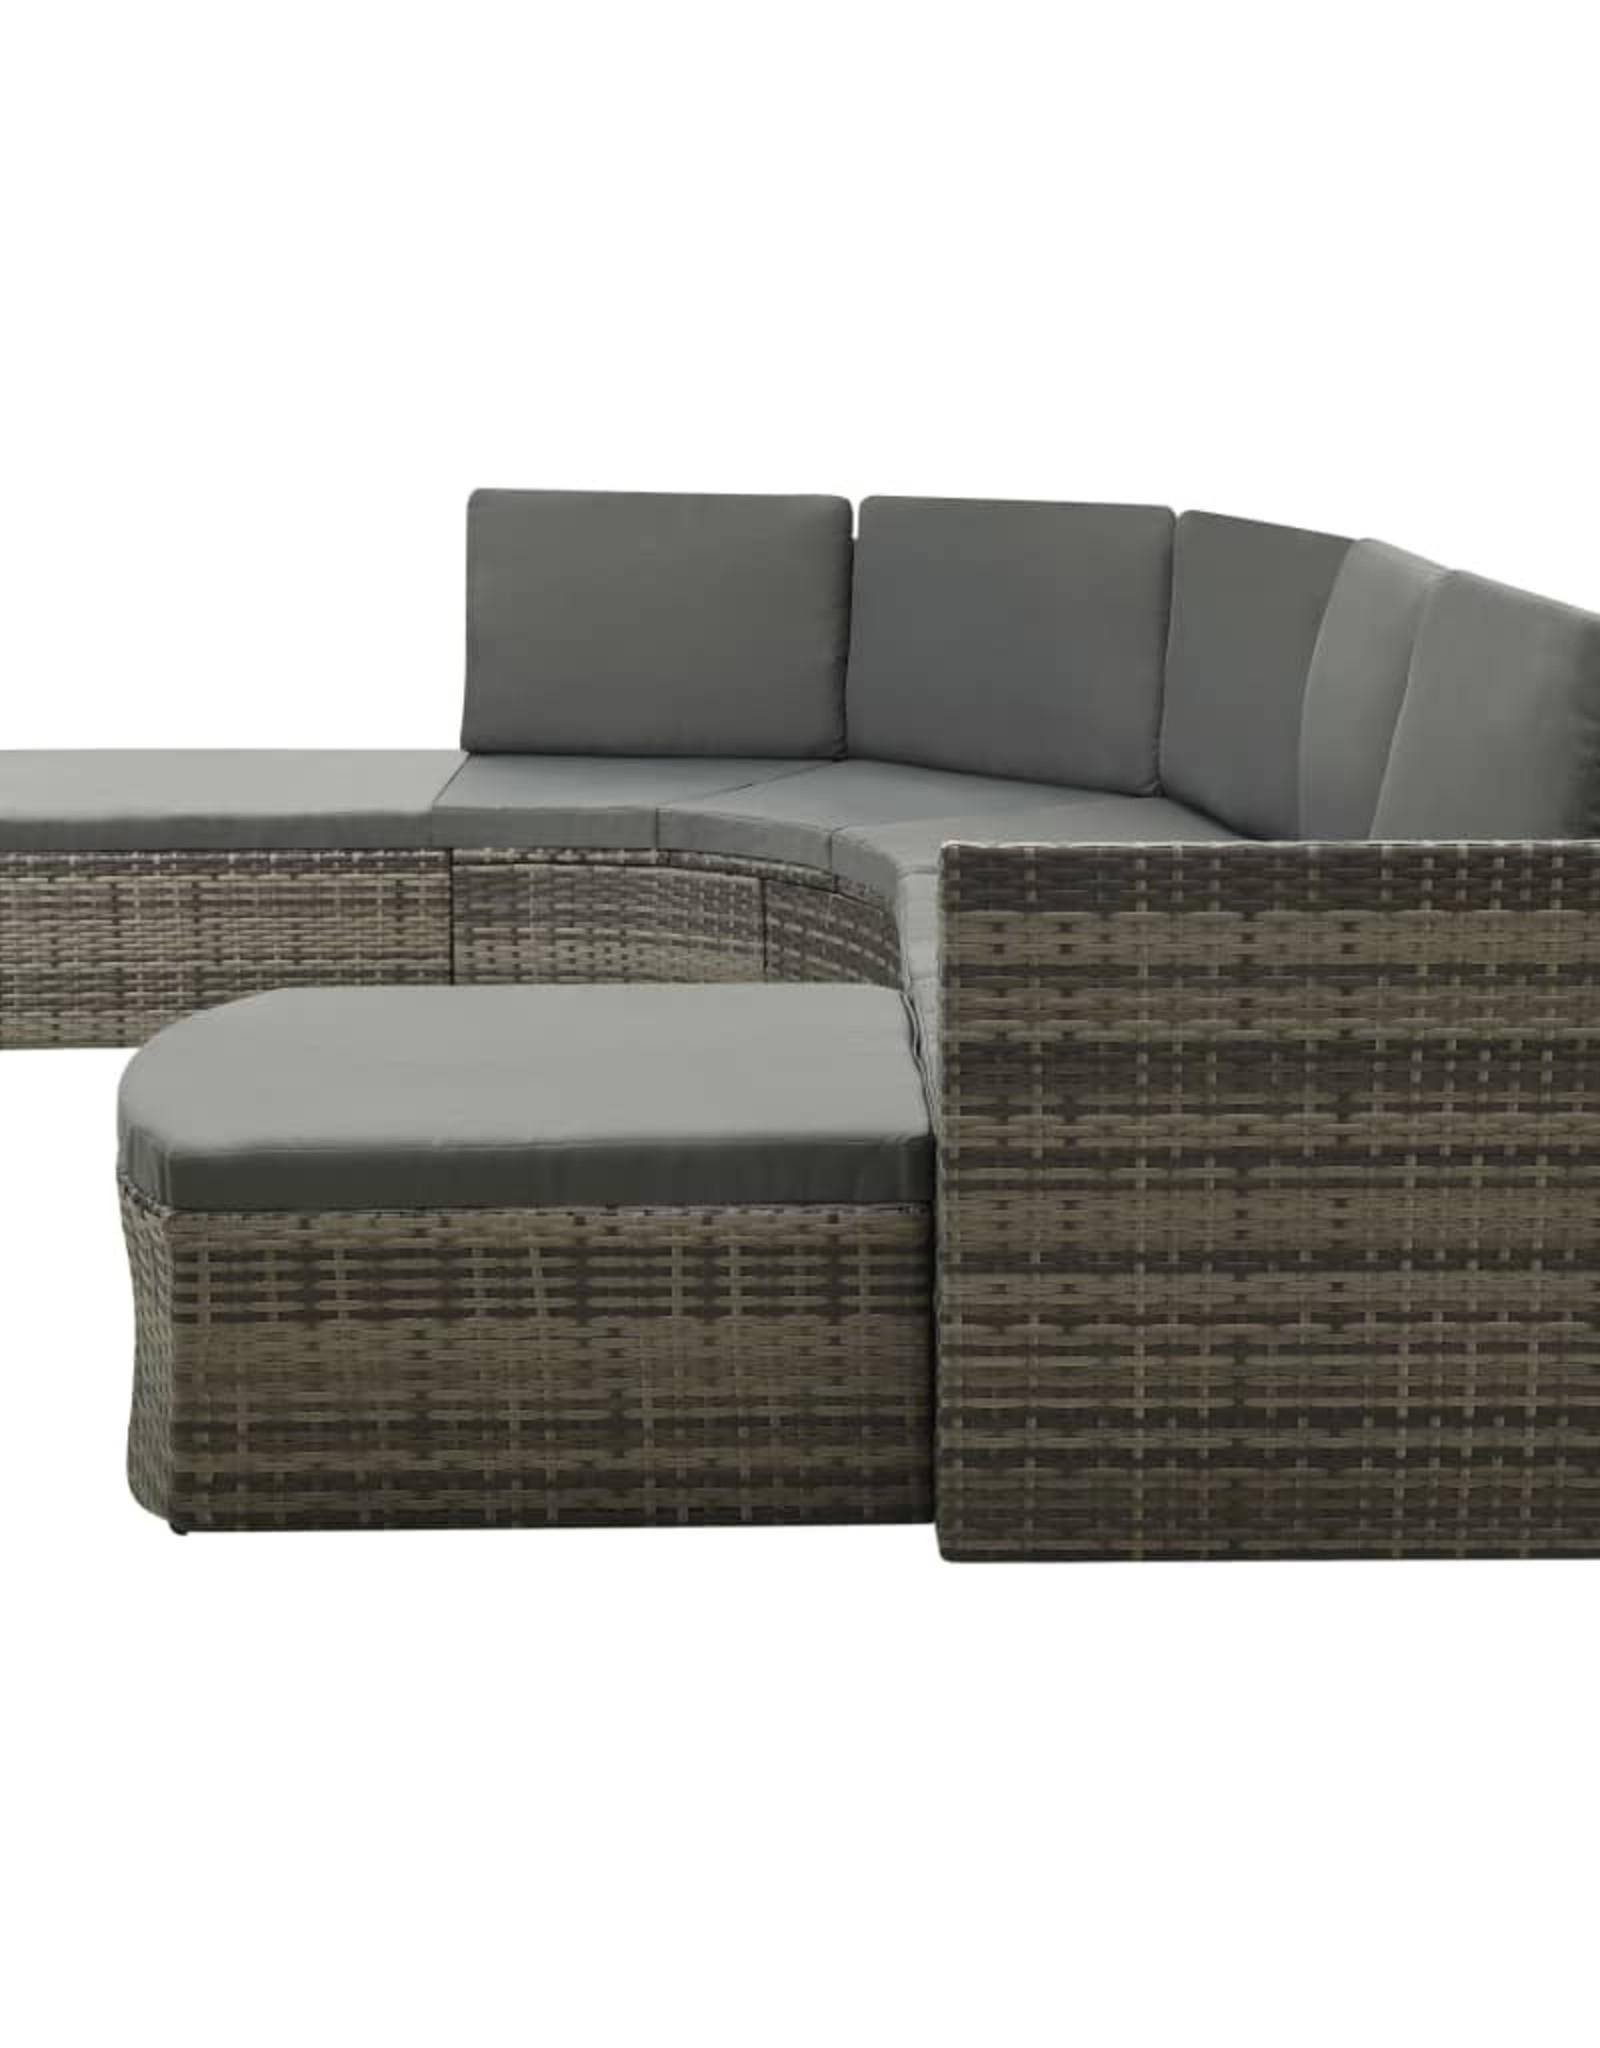 4-delige Loungeset met kussens poly rattan grijs